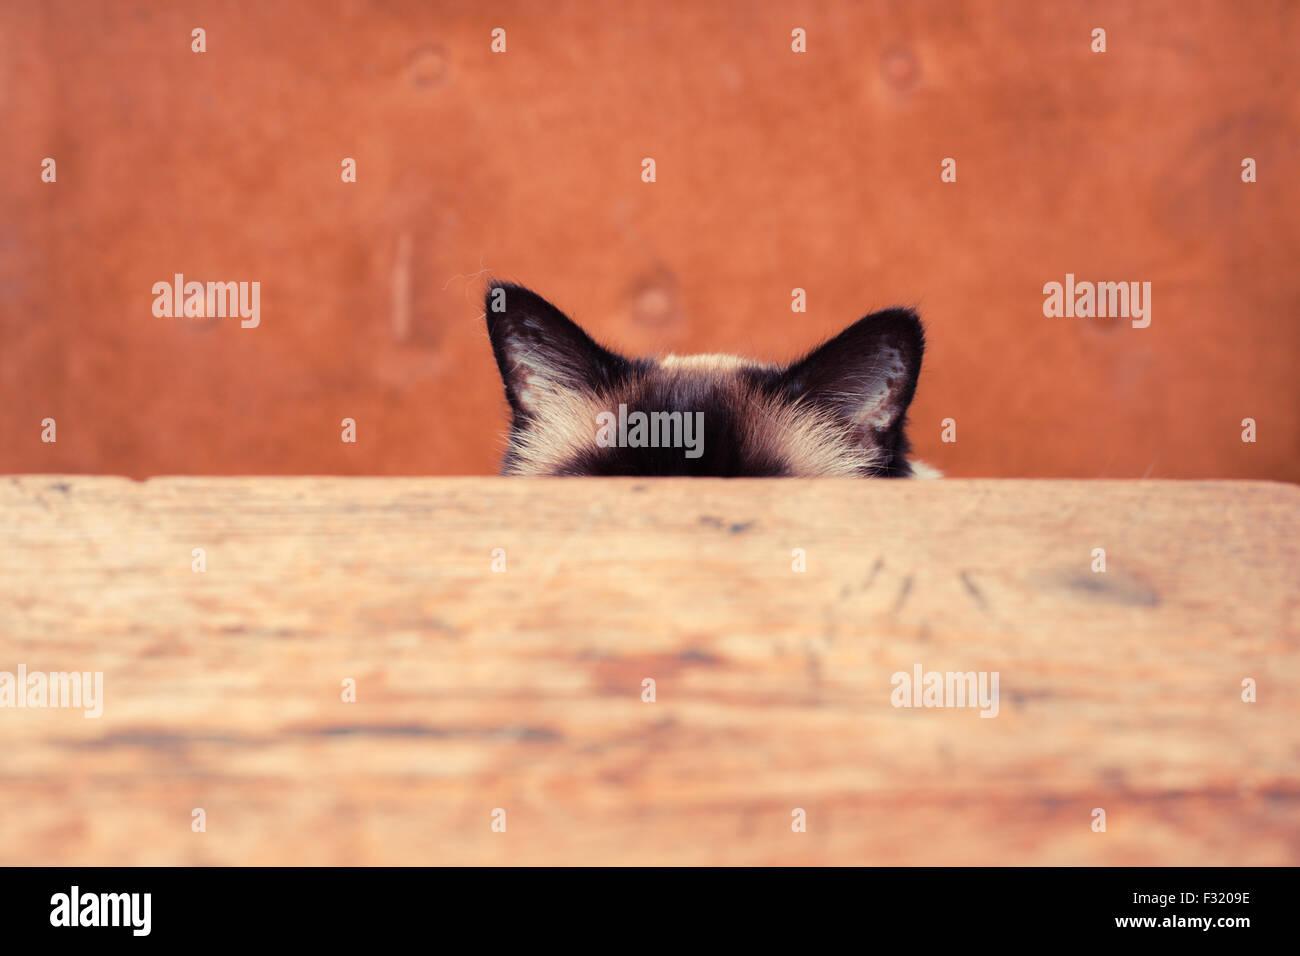 Piuttosto il gatto è nascosto dietro un tavolo, solo le sue orecchie sono visibili Immagini Stock